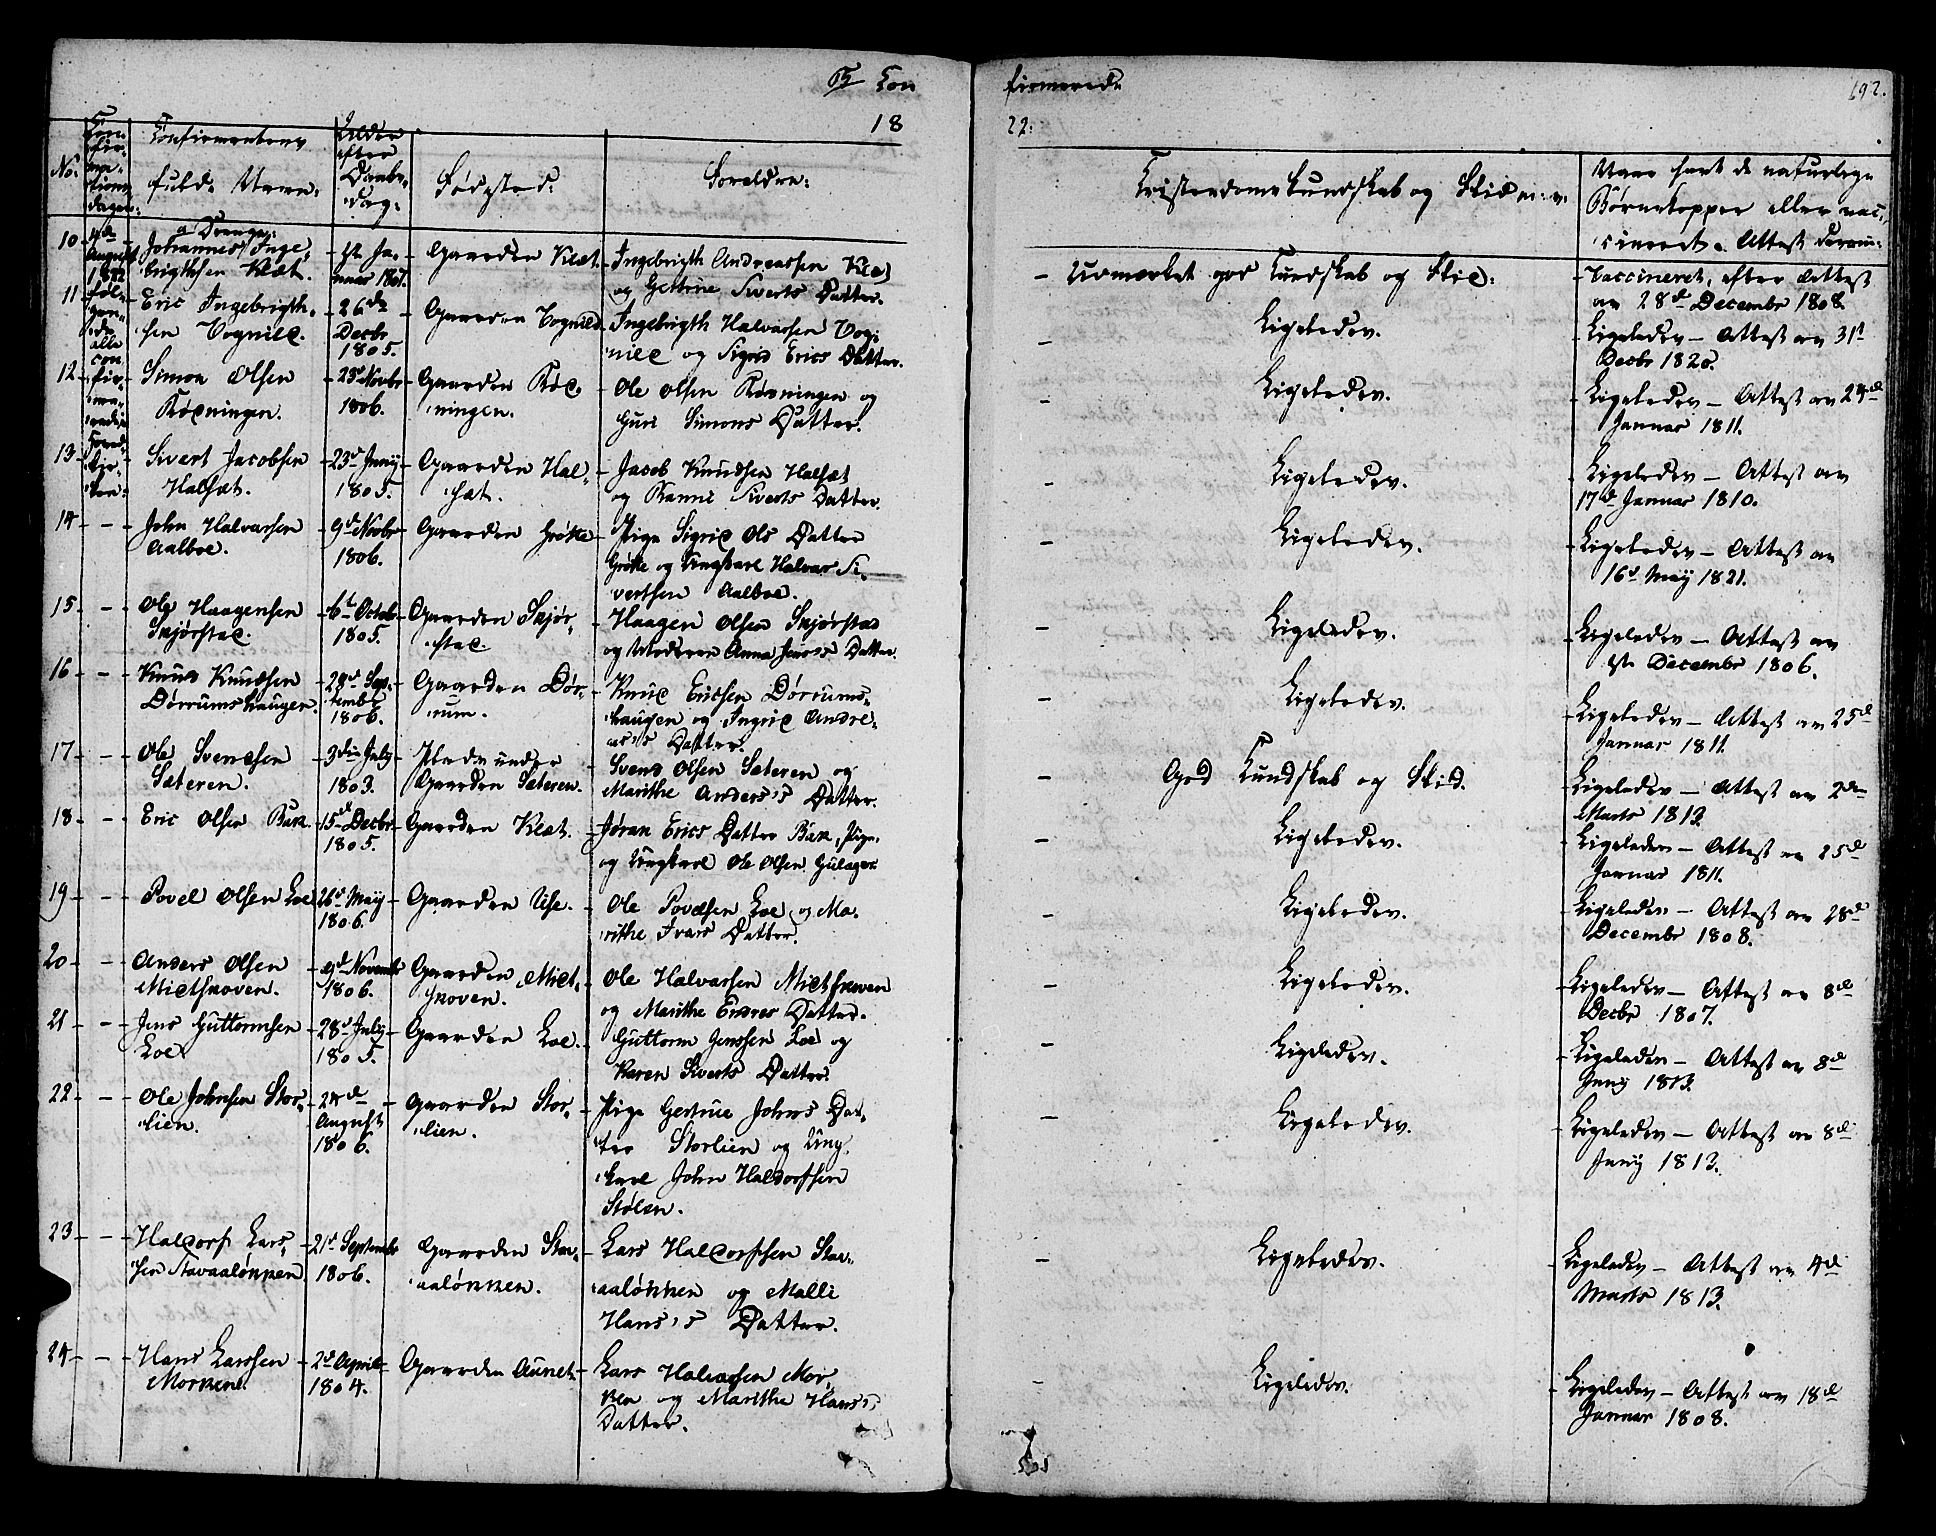 SAT, Ministerialprotokoller, klokkerbøker og fødselsregistre - Sør-Trøndelag, 678/L0897: Ministerialbok nr. 678A06-07, 1821-1847, s. 192